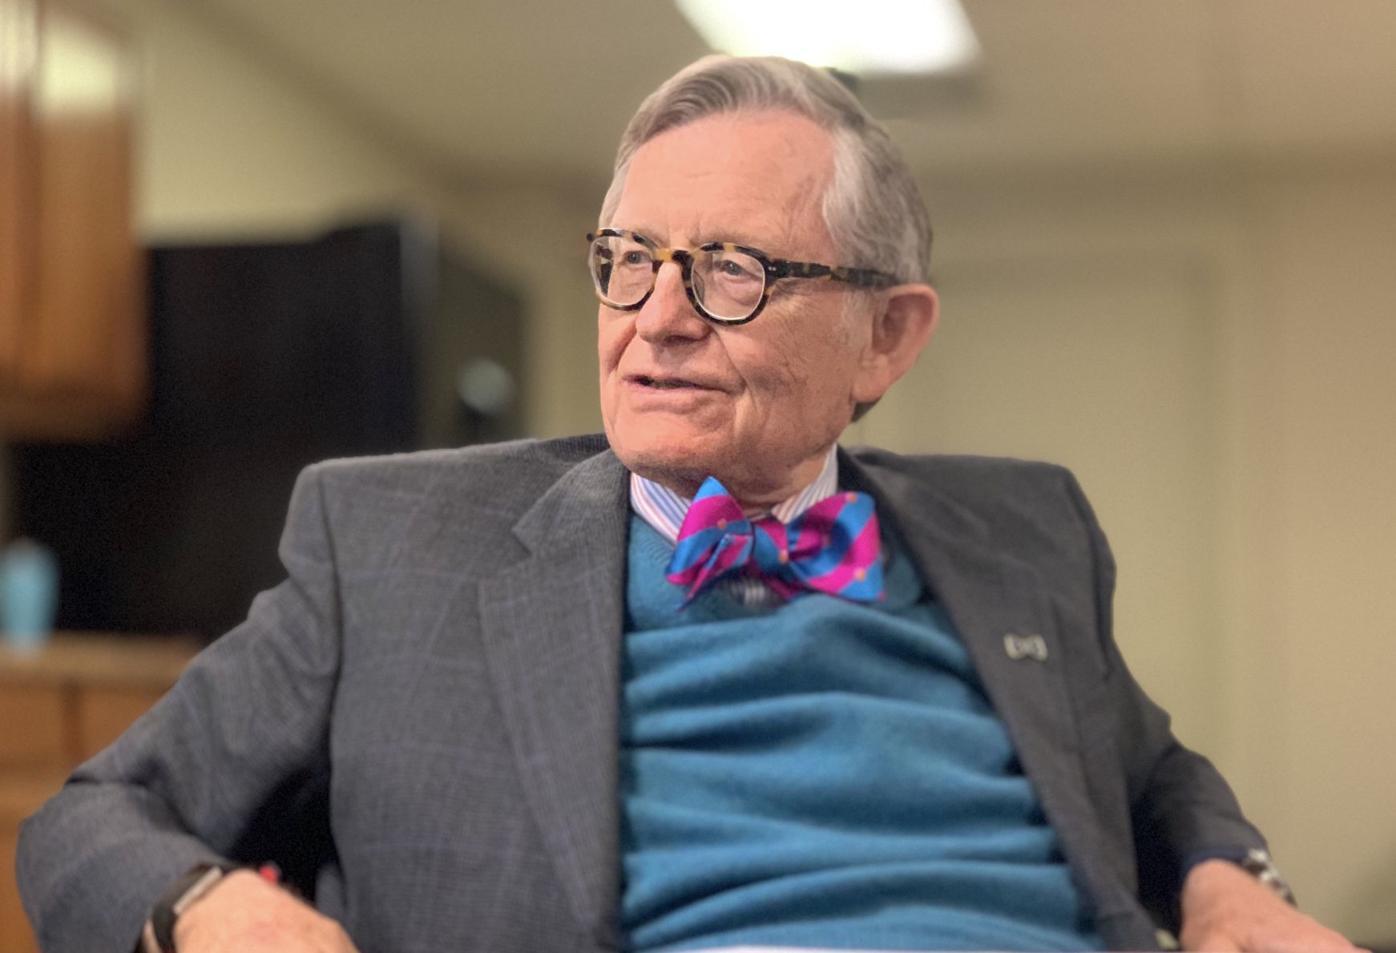 Dr. E. Gordon Gee